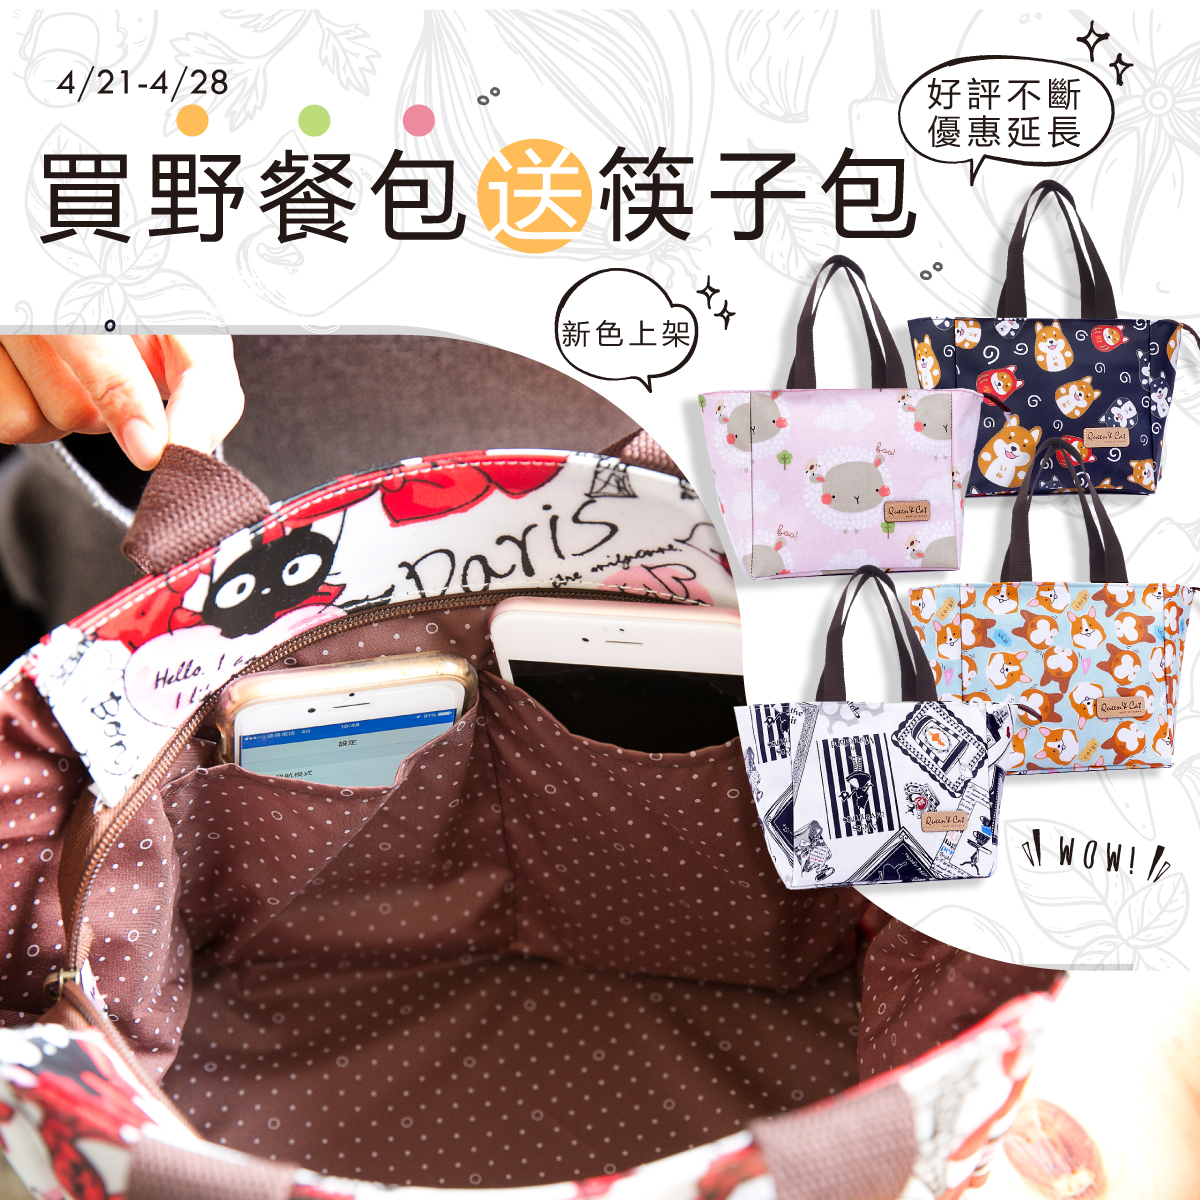 4/22-4/28期間凡購買【野餐包】就 #送筷子包